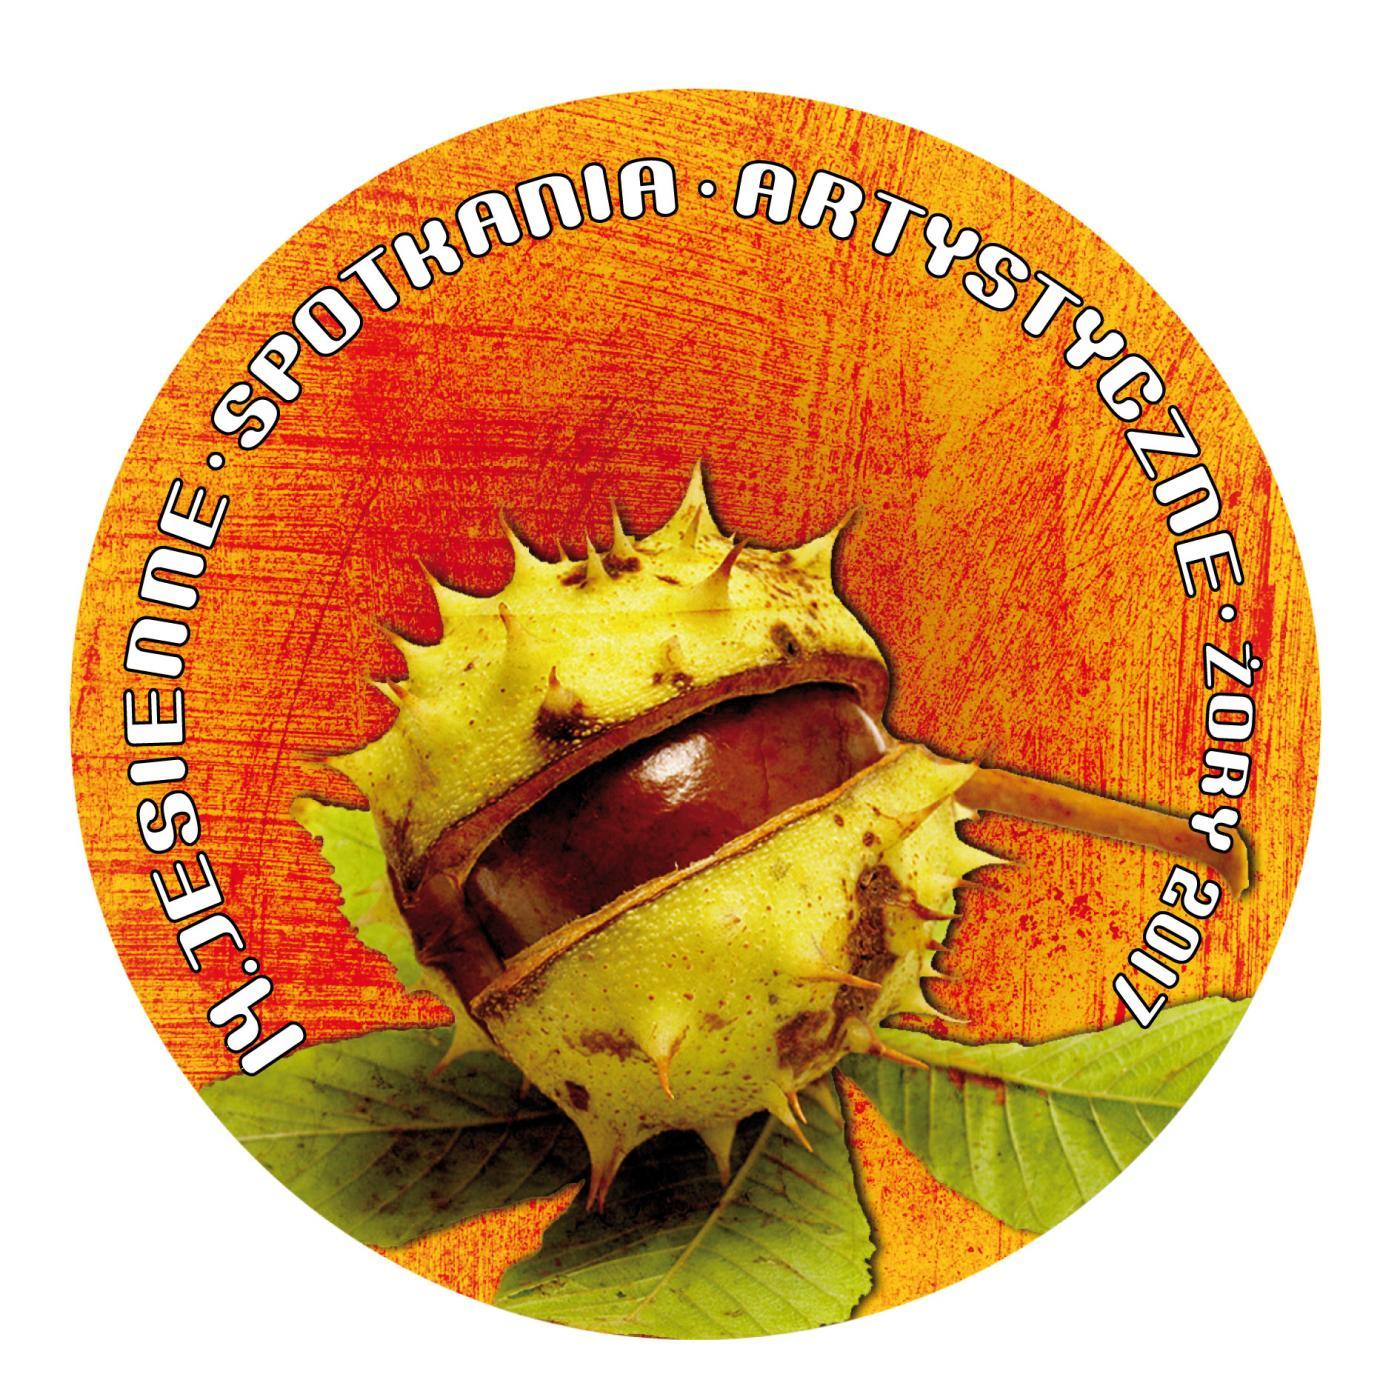 Jesienny Festiwal Młodych Talentów